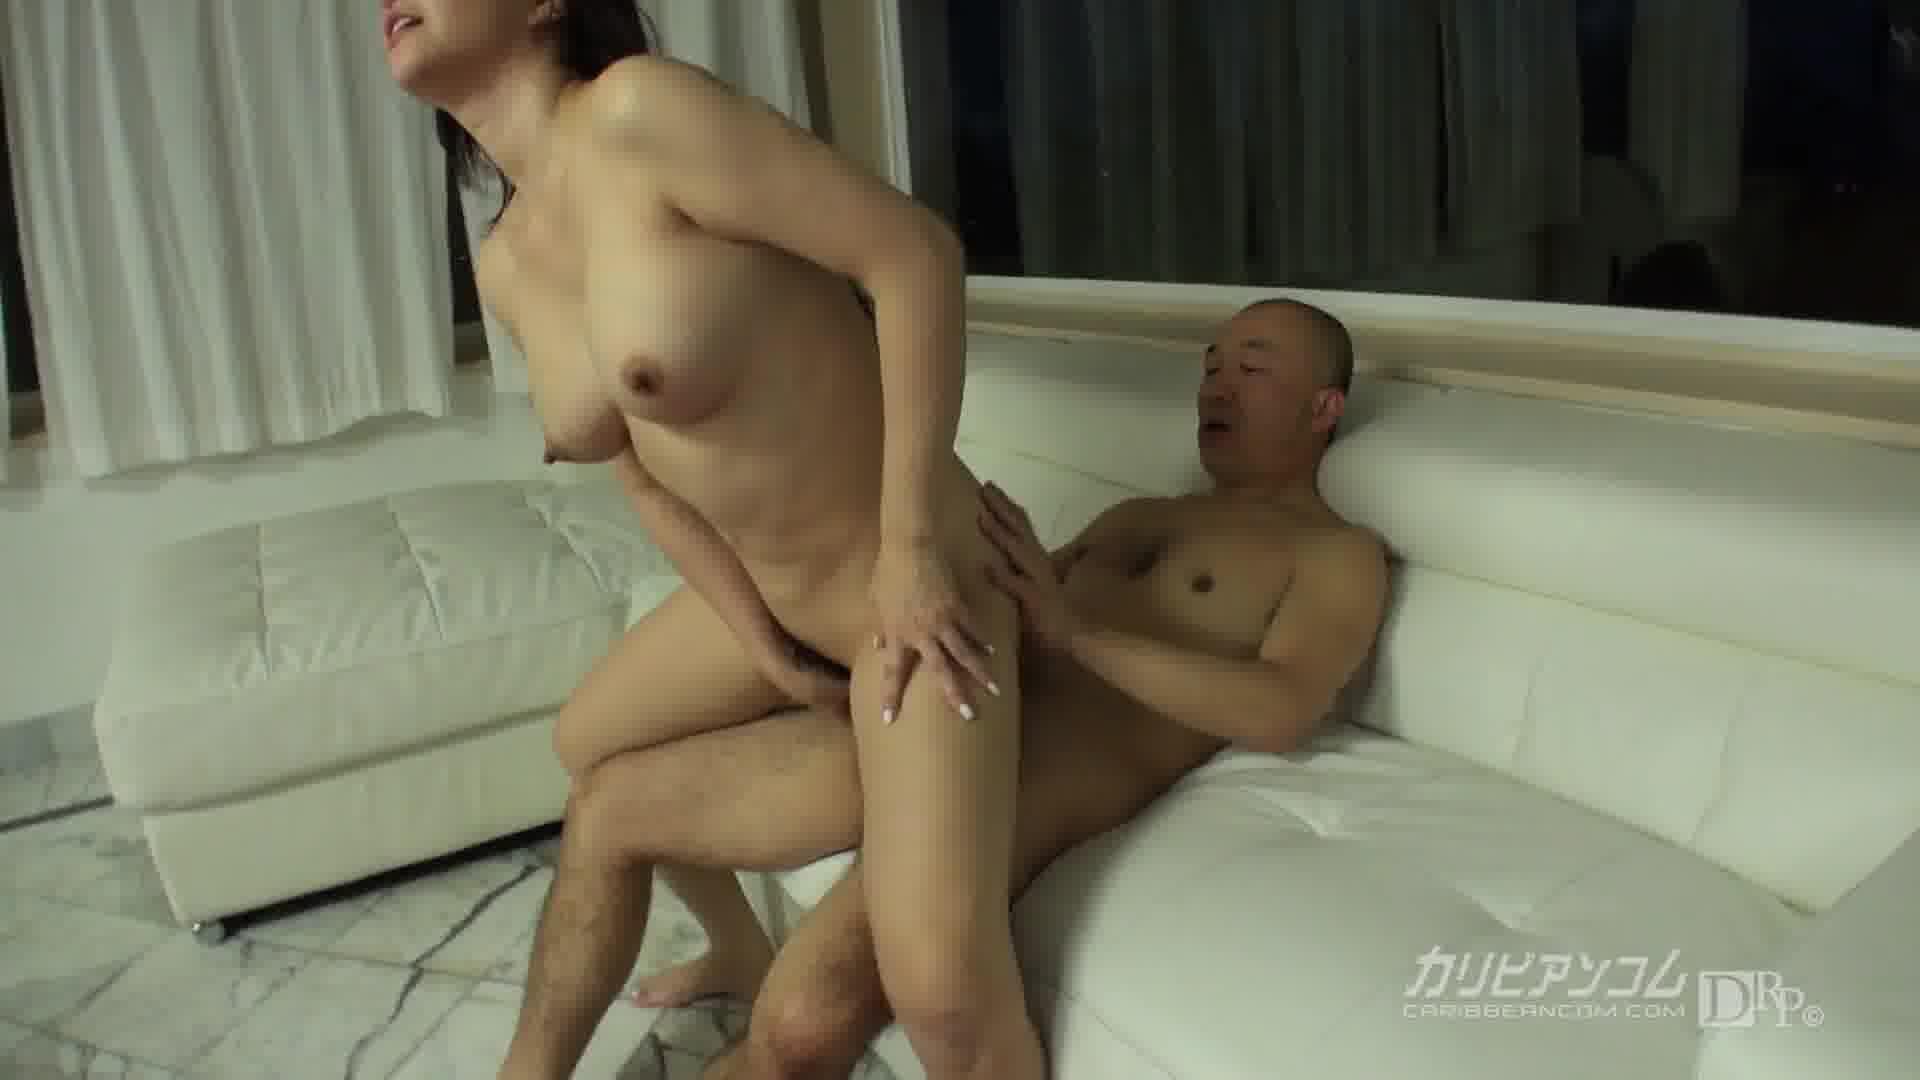 本場ポルノ勉強会 - 逢沢はるか【乱交・巨乳・スレンダー】